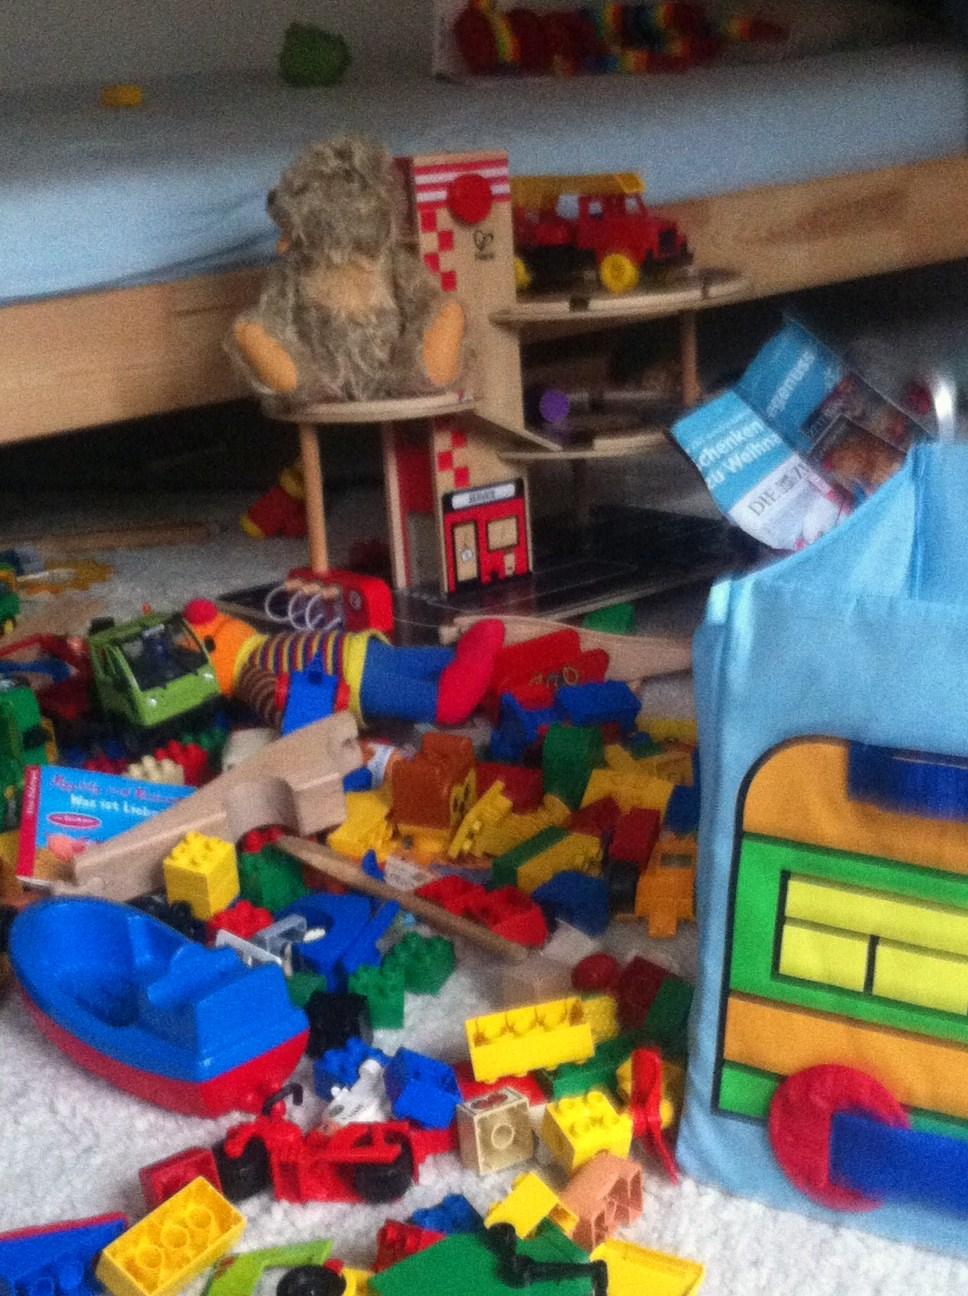 Bemerkenswert Aufräumtipps Ideen Von Chaos Im Kinderzimmer: Beweisfotos Zum überbewerteten Aufräumen